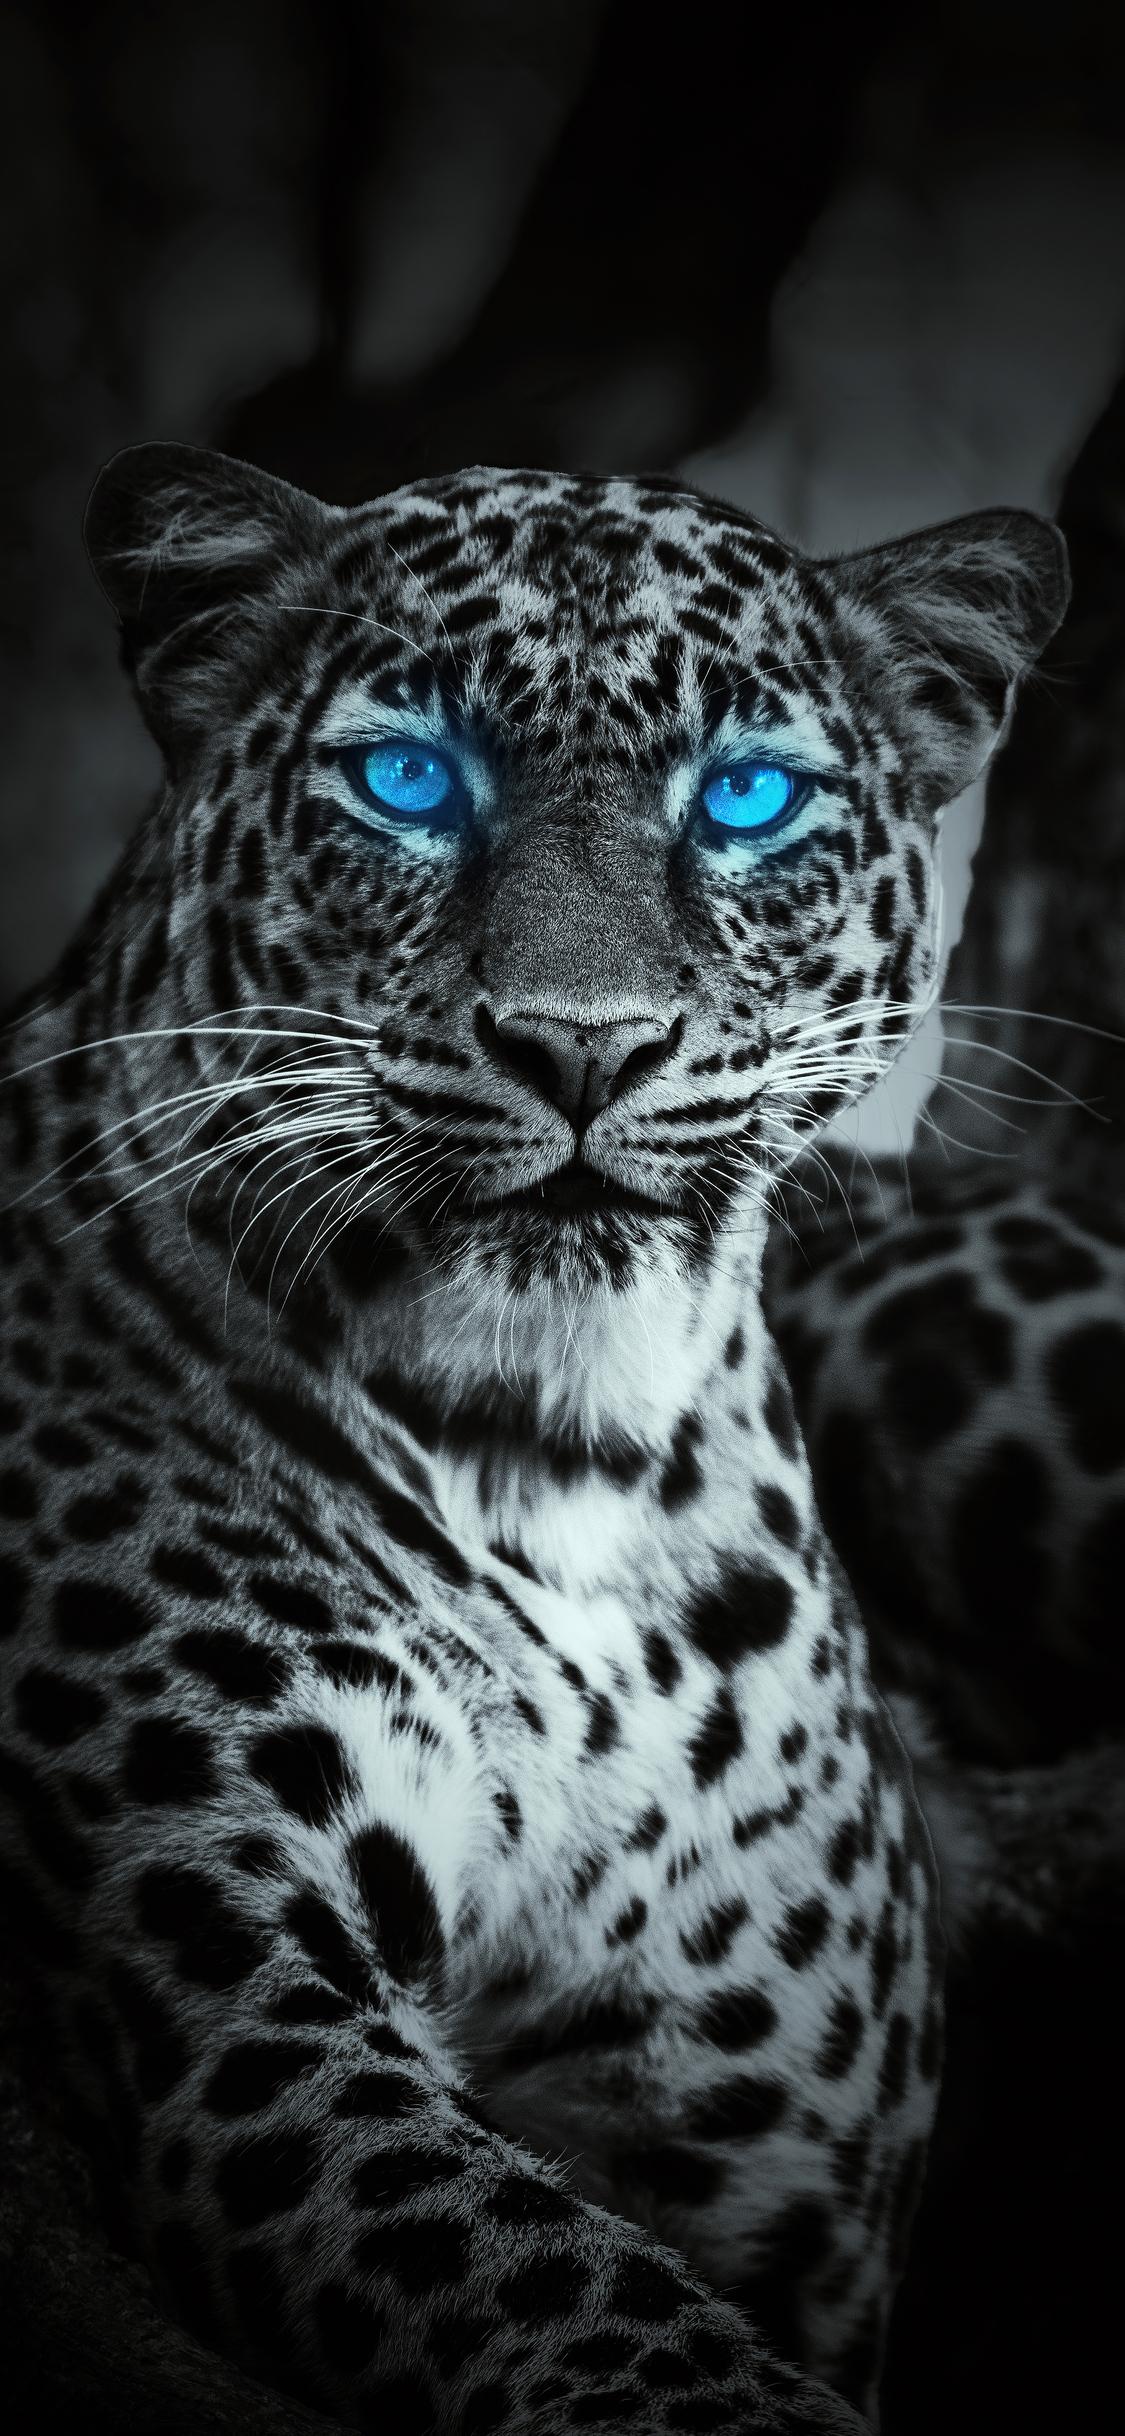 tiger-glowing-blue-eyes-w9.jpg